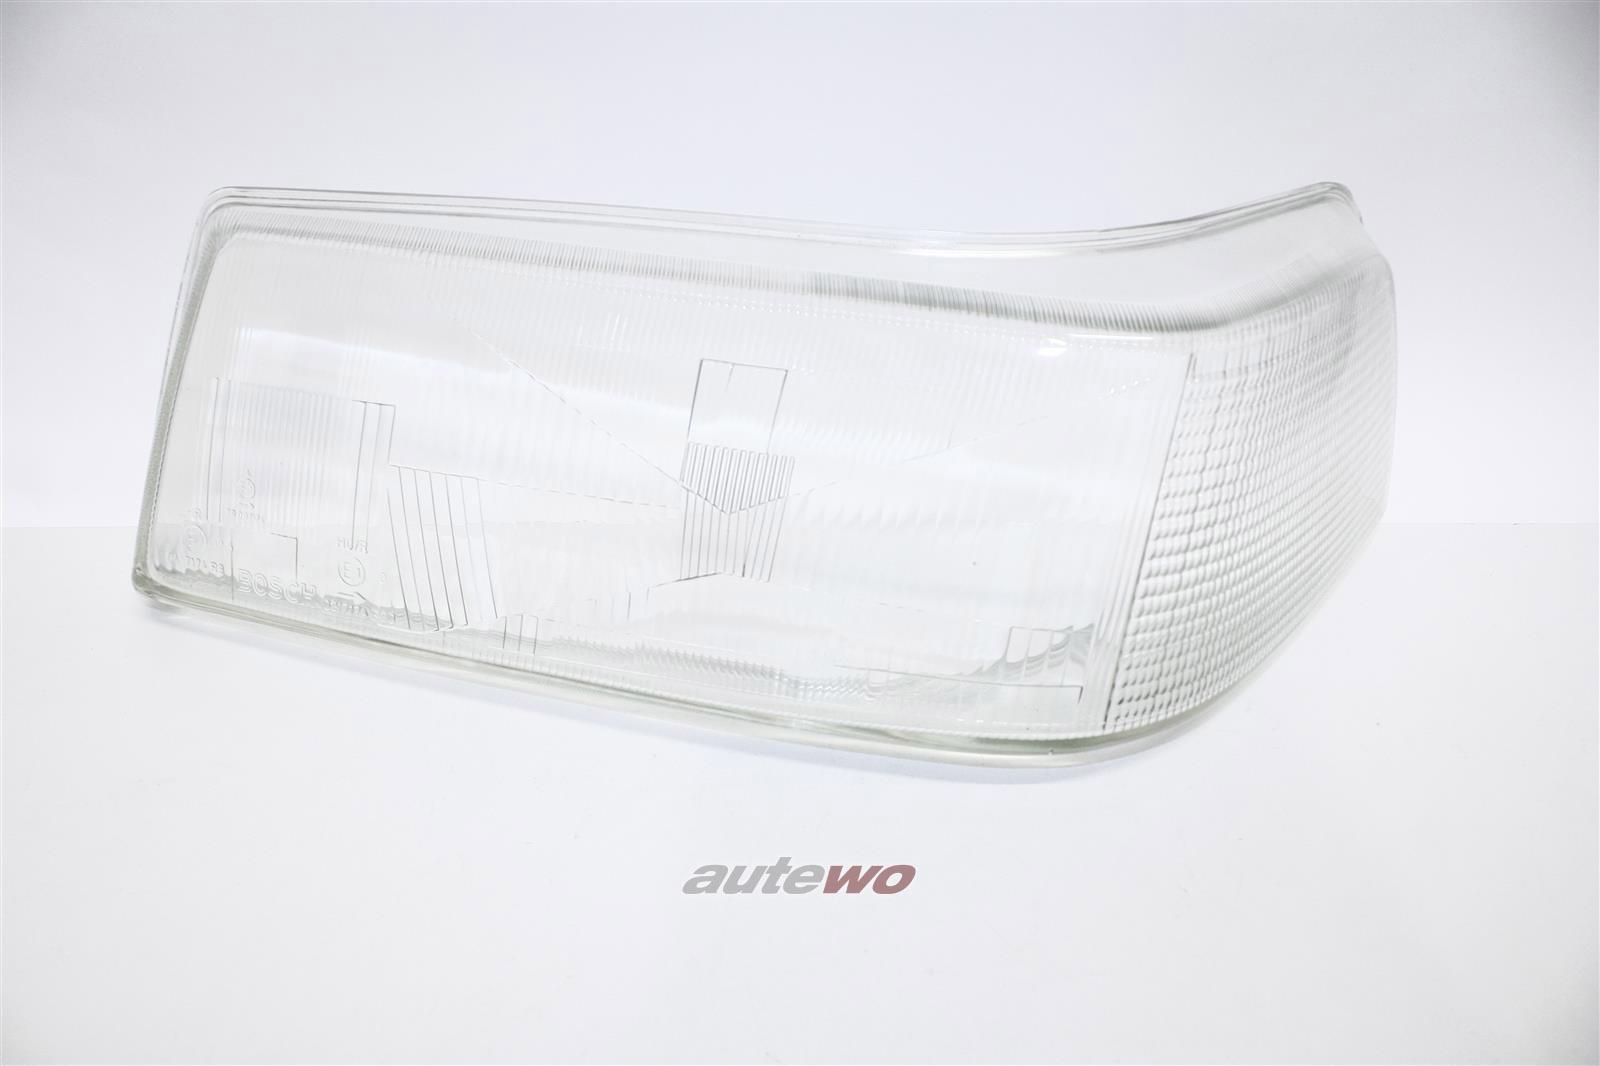 442941115 NEU Audi V8 D11 Streuscheibe Rechtslenker Links